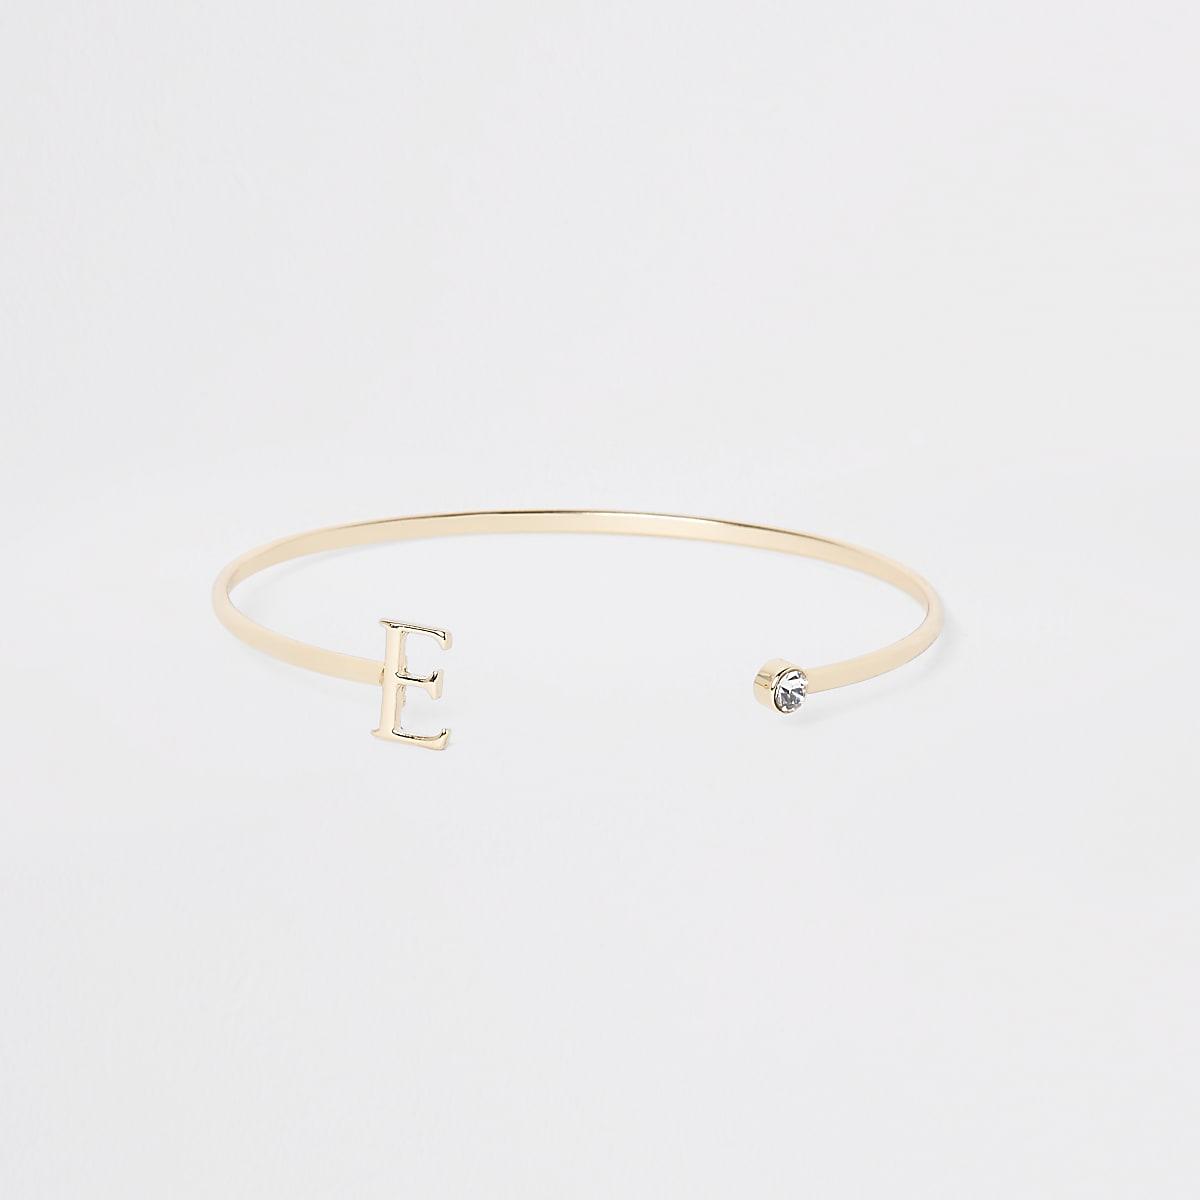 Gold plated 'E' initial cuff bracelet